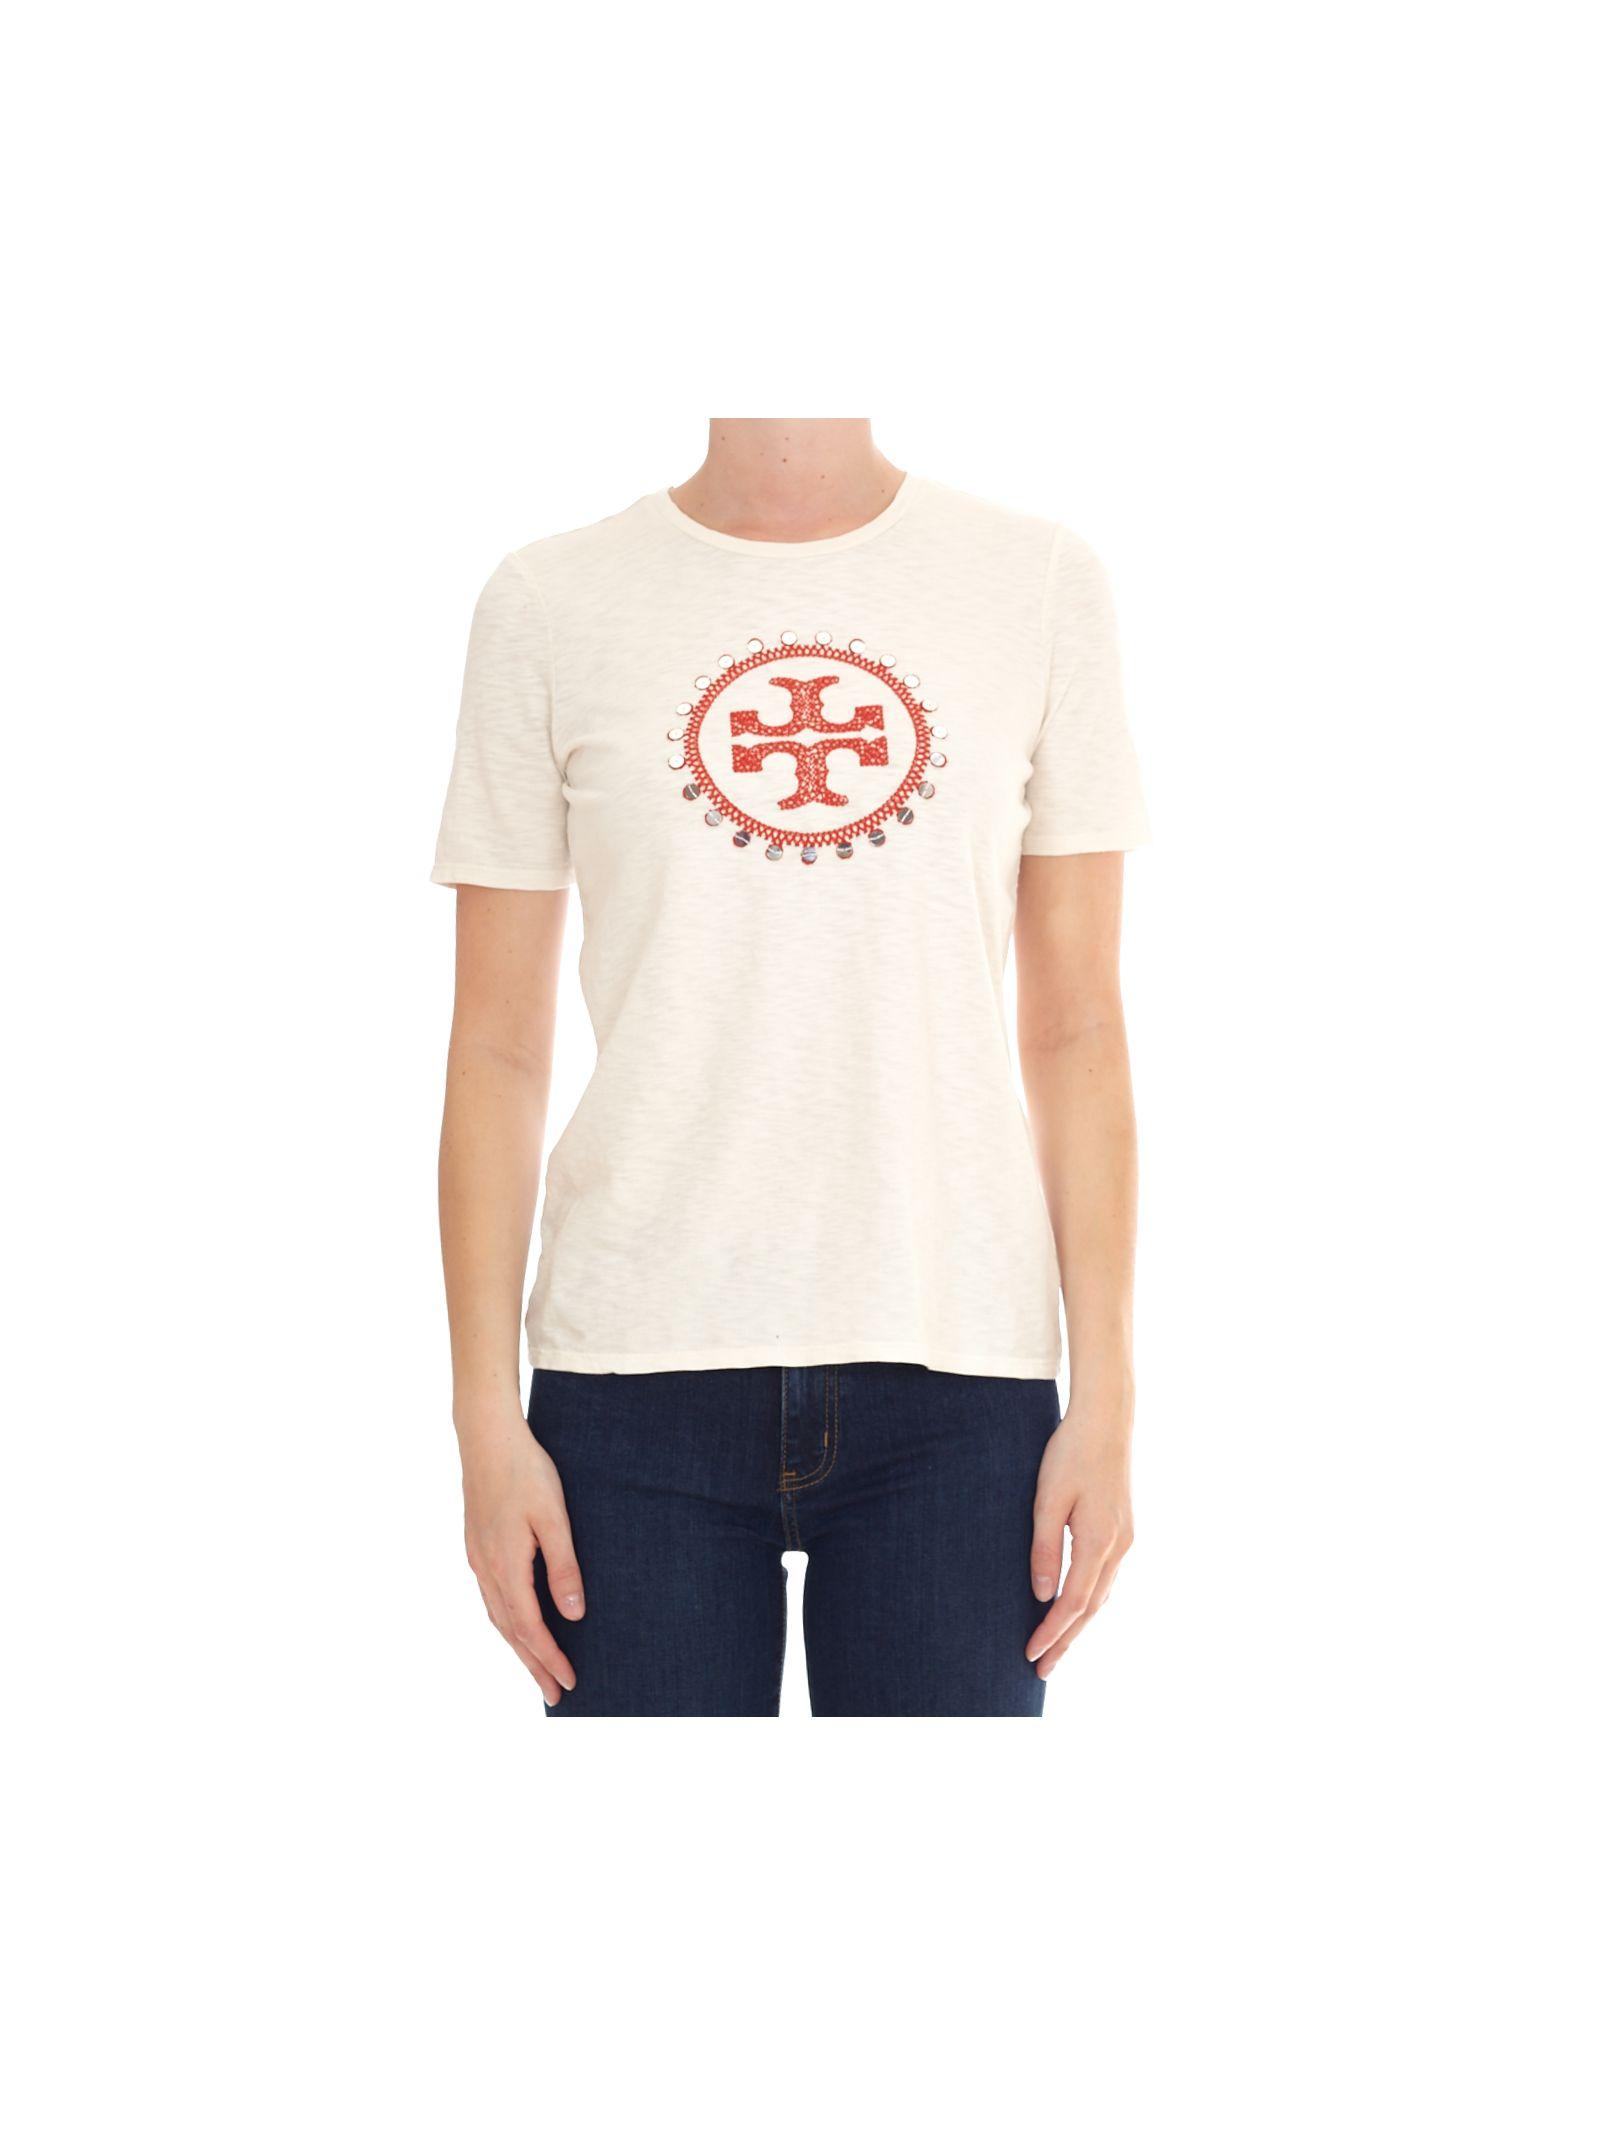 Tricou de damă TORY BURCH, casual